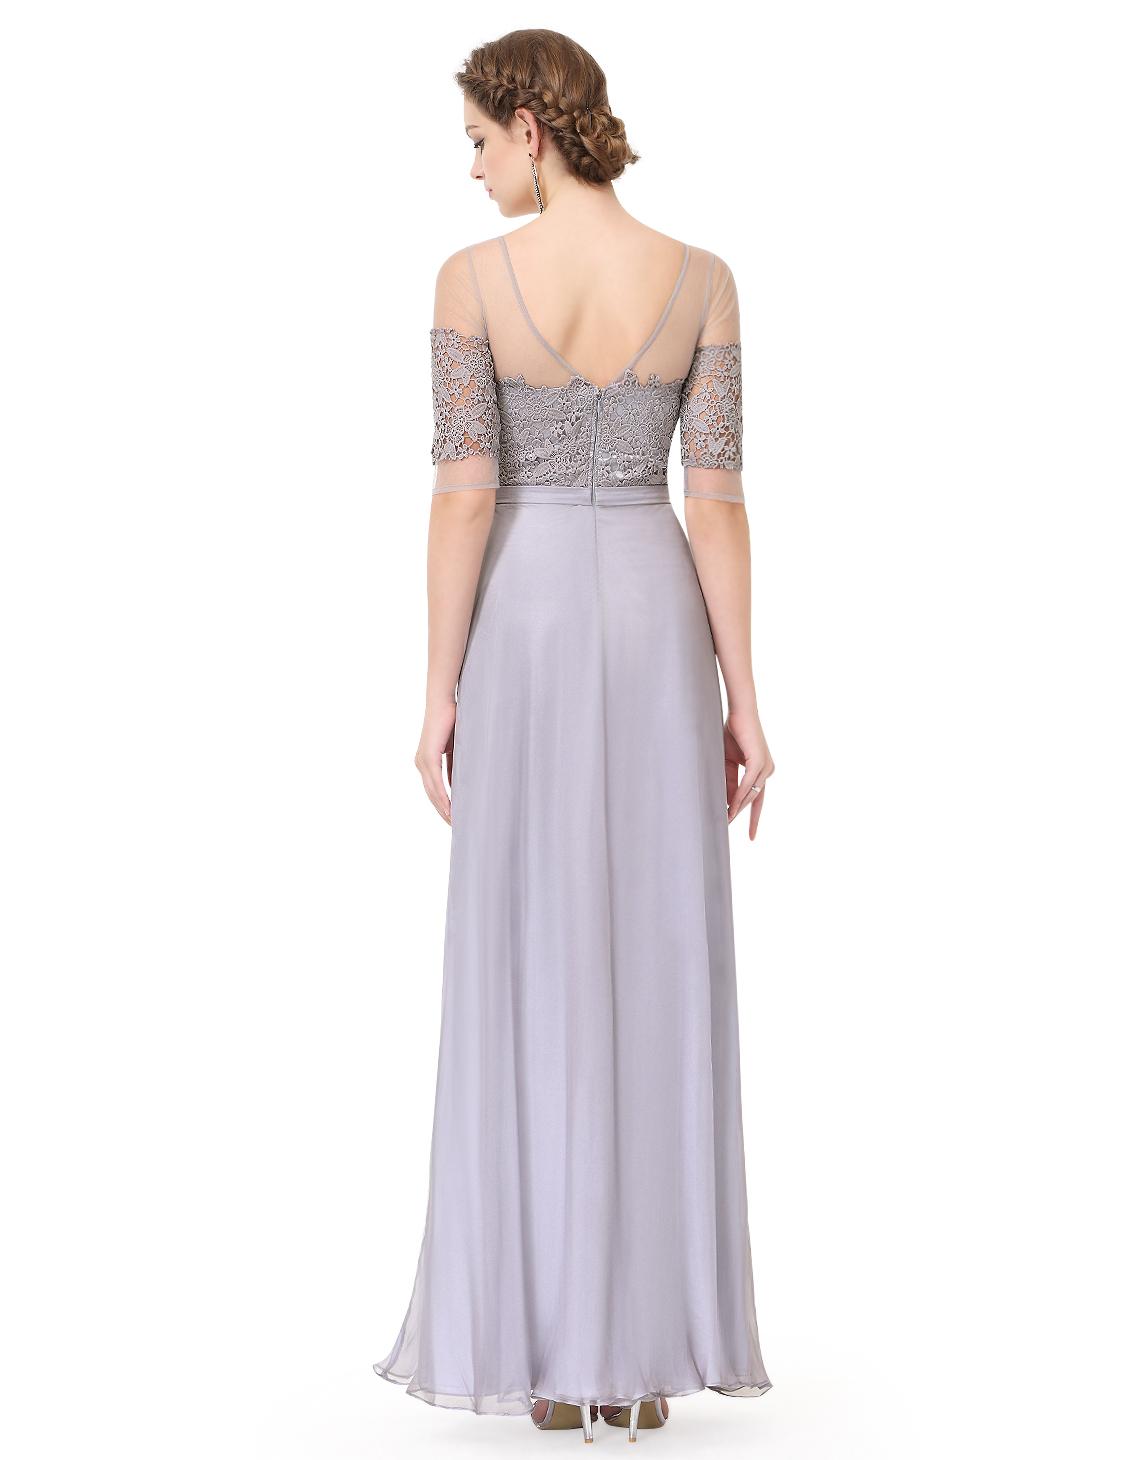 Pěkné splývavé šaty ve více barevných variantách i velikostech. 73d11bdc38